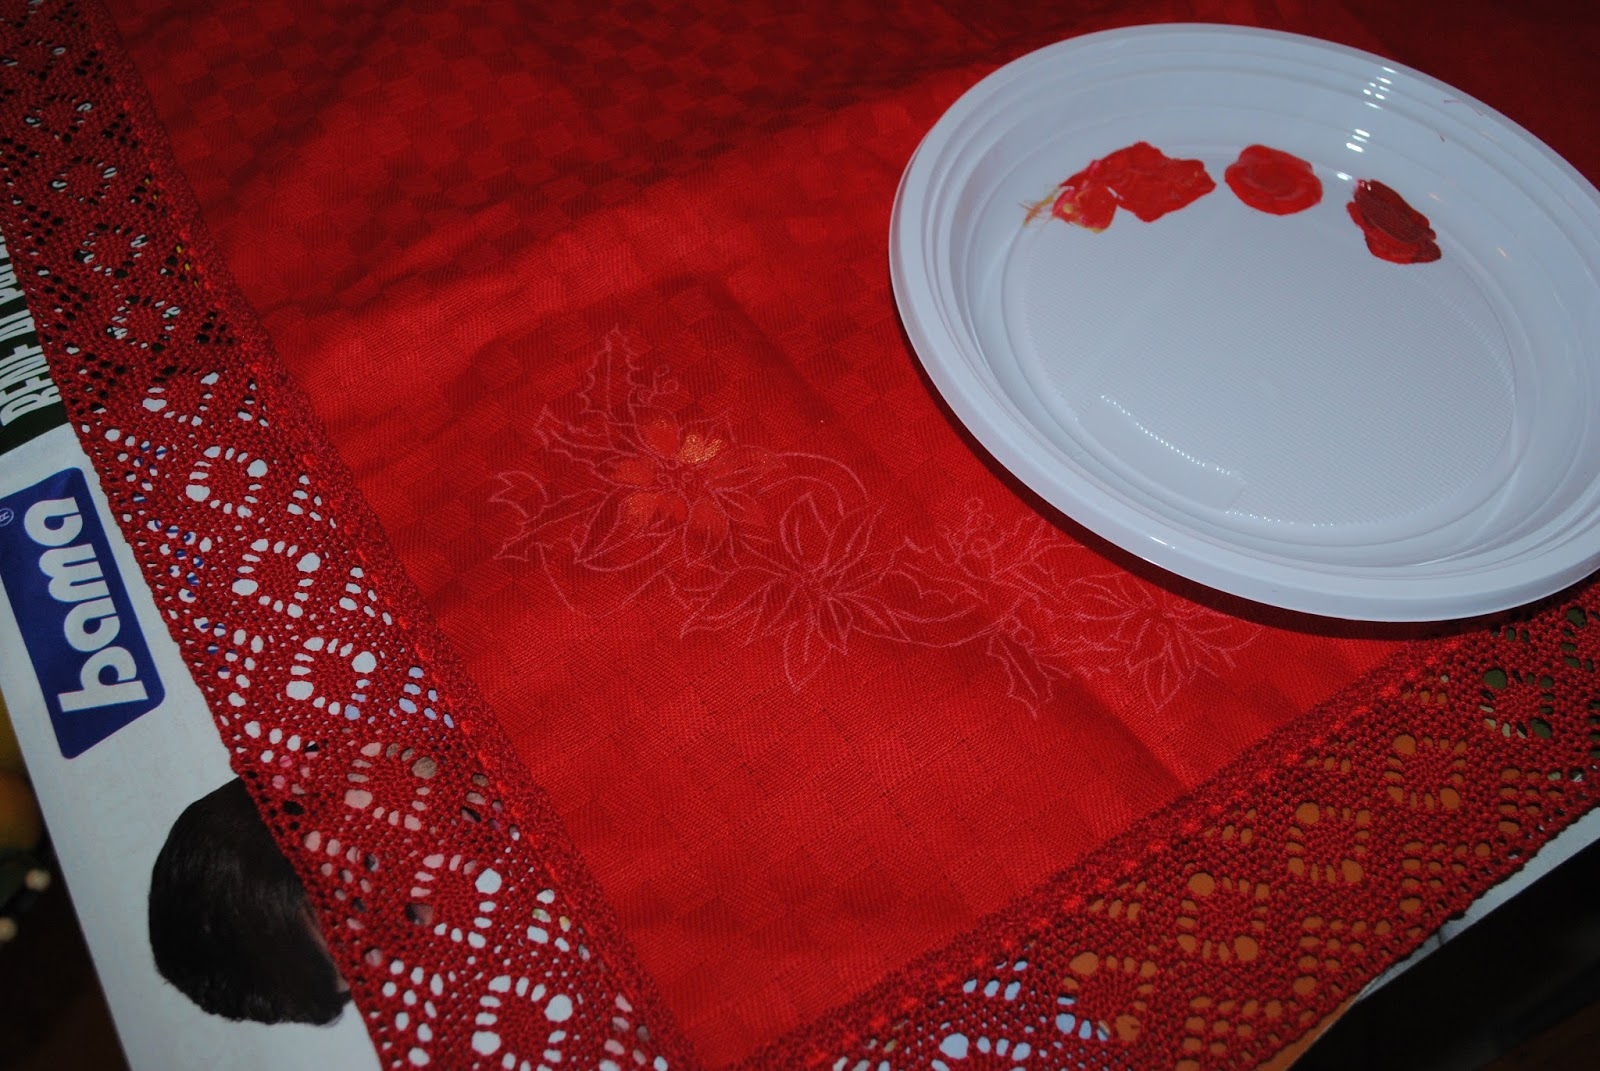 Tovaglia natalizia con stelle di natale: il colore sul rosso